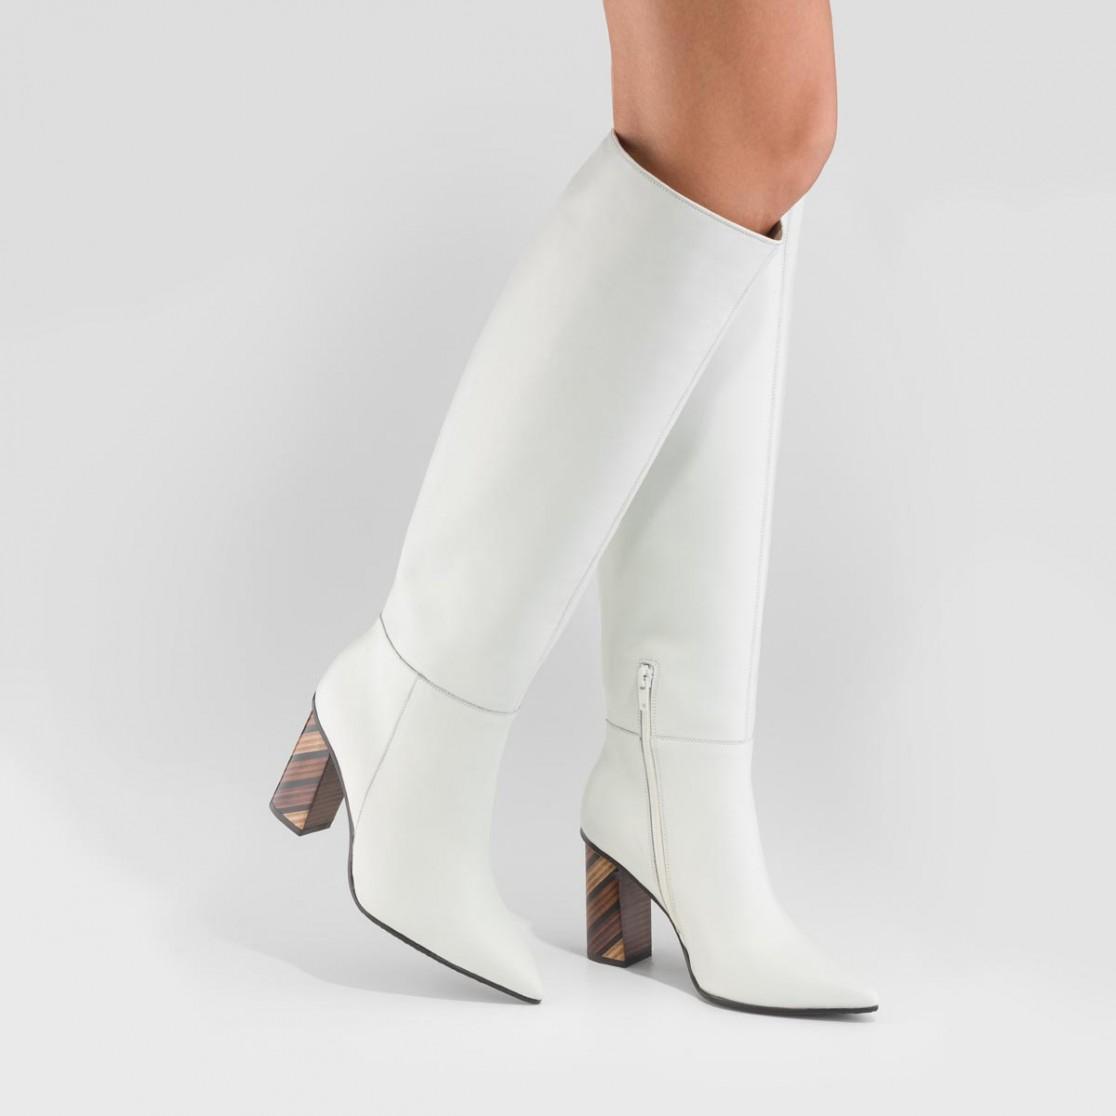 Botas altas de color blanco